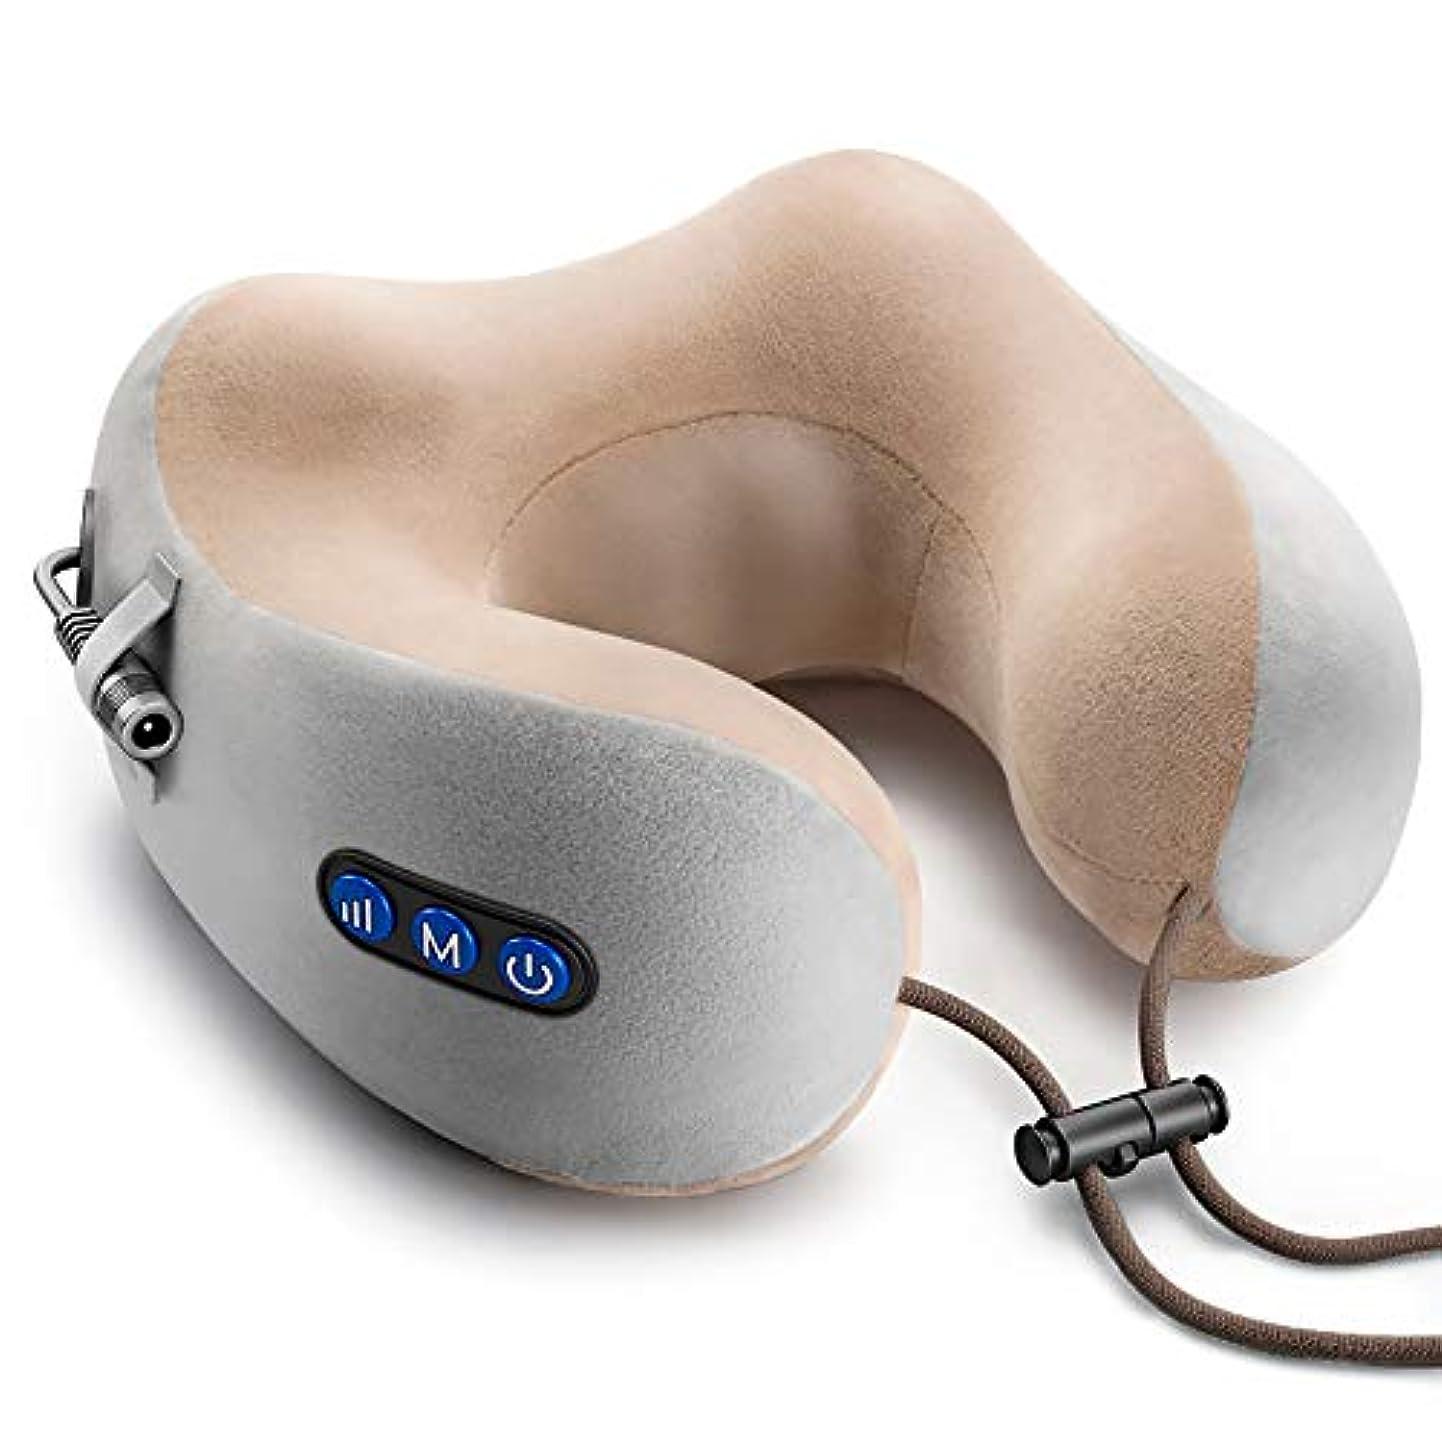 それによってヘロインコカイン首マッサージャー ネックマッサージャー U型 USB充電式 3モード 低反発ネックマッサージピロー 自動オフ機能 肩こり ストレス解消 多機能 人間工学 日本語取扱説明書付 プレゼント